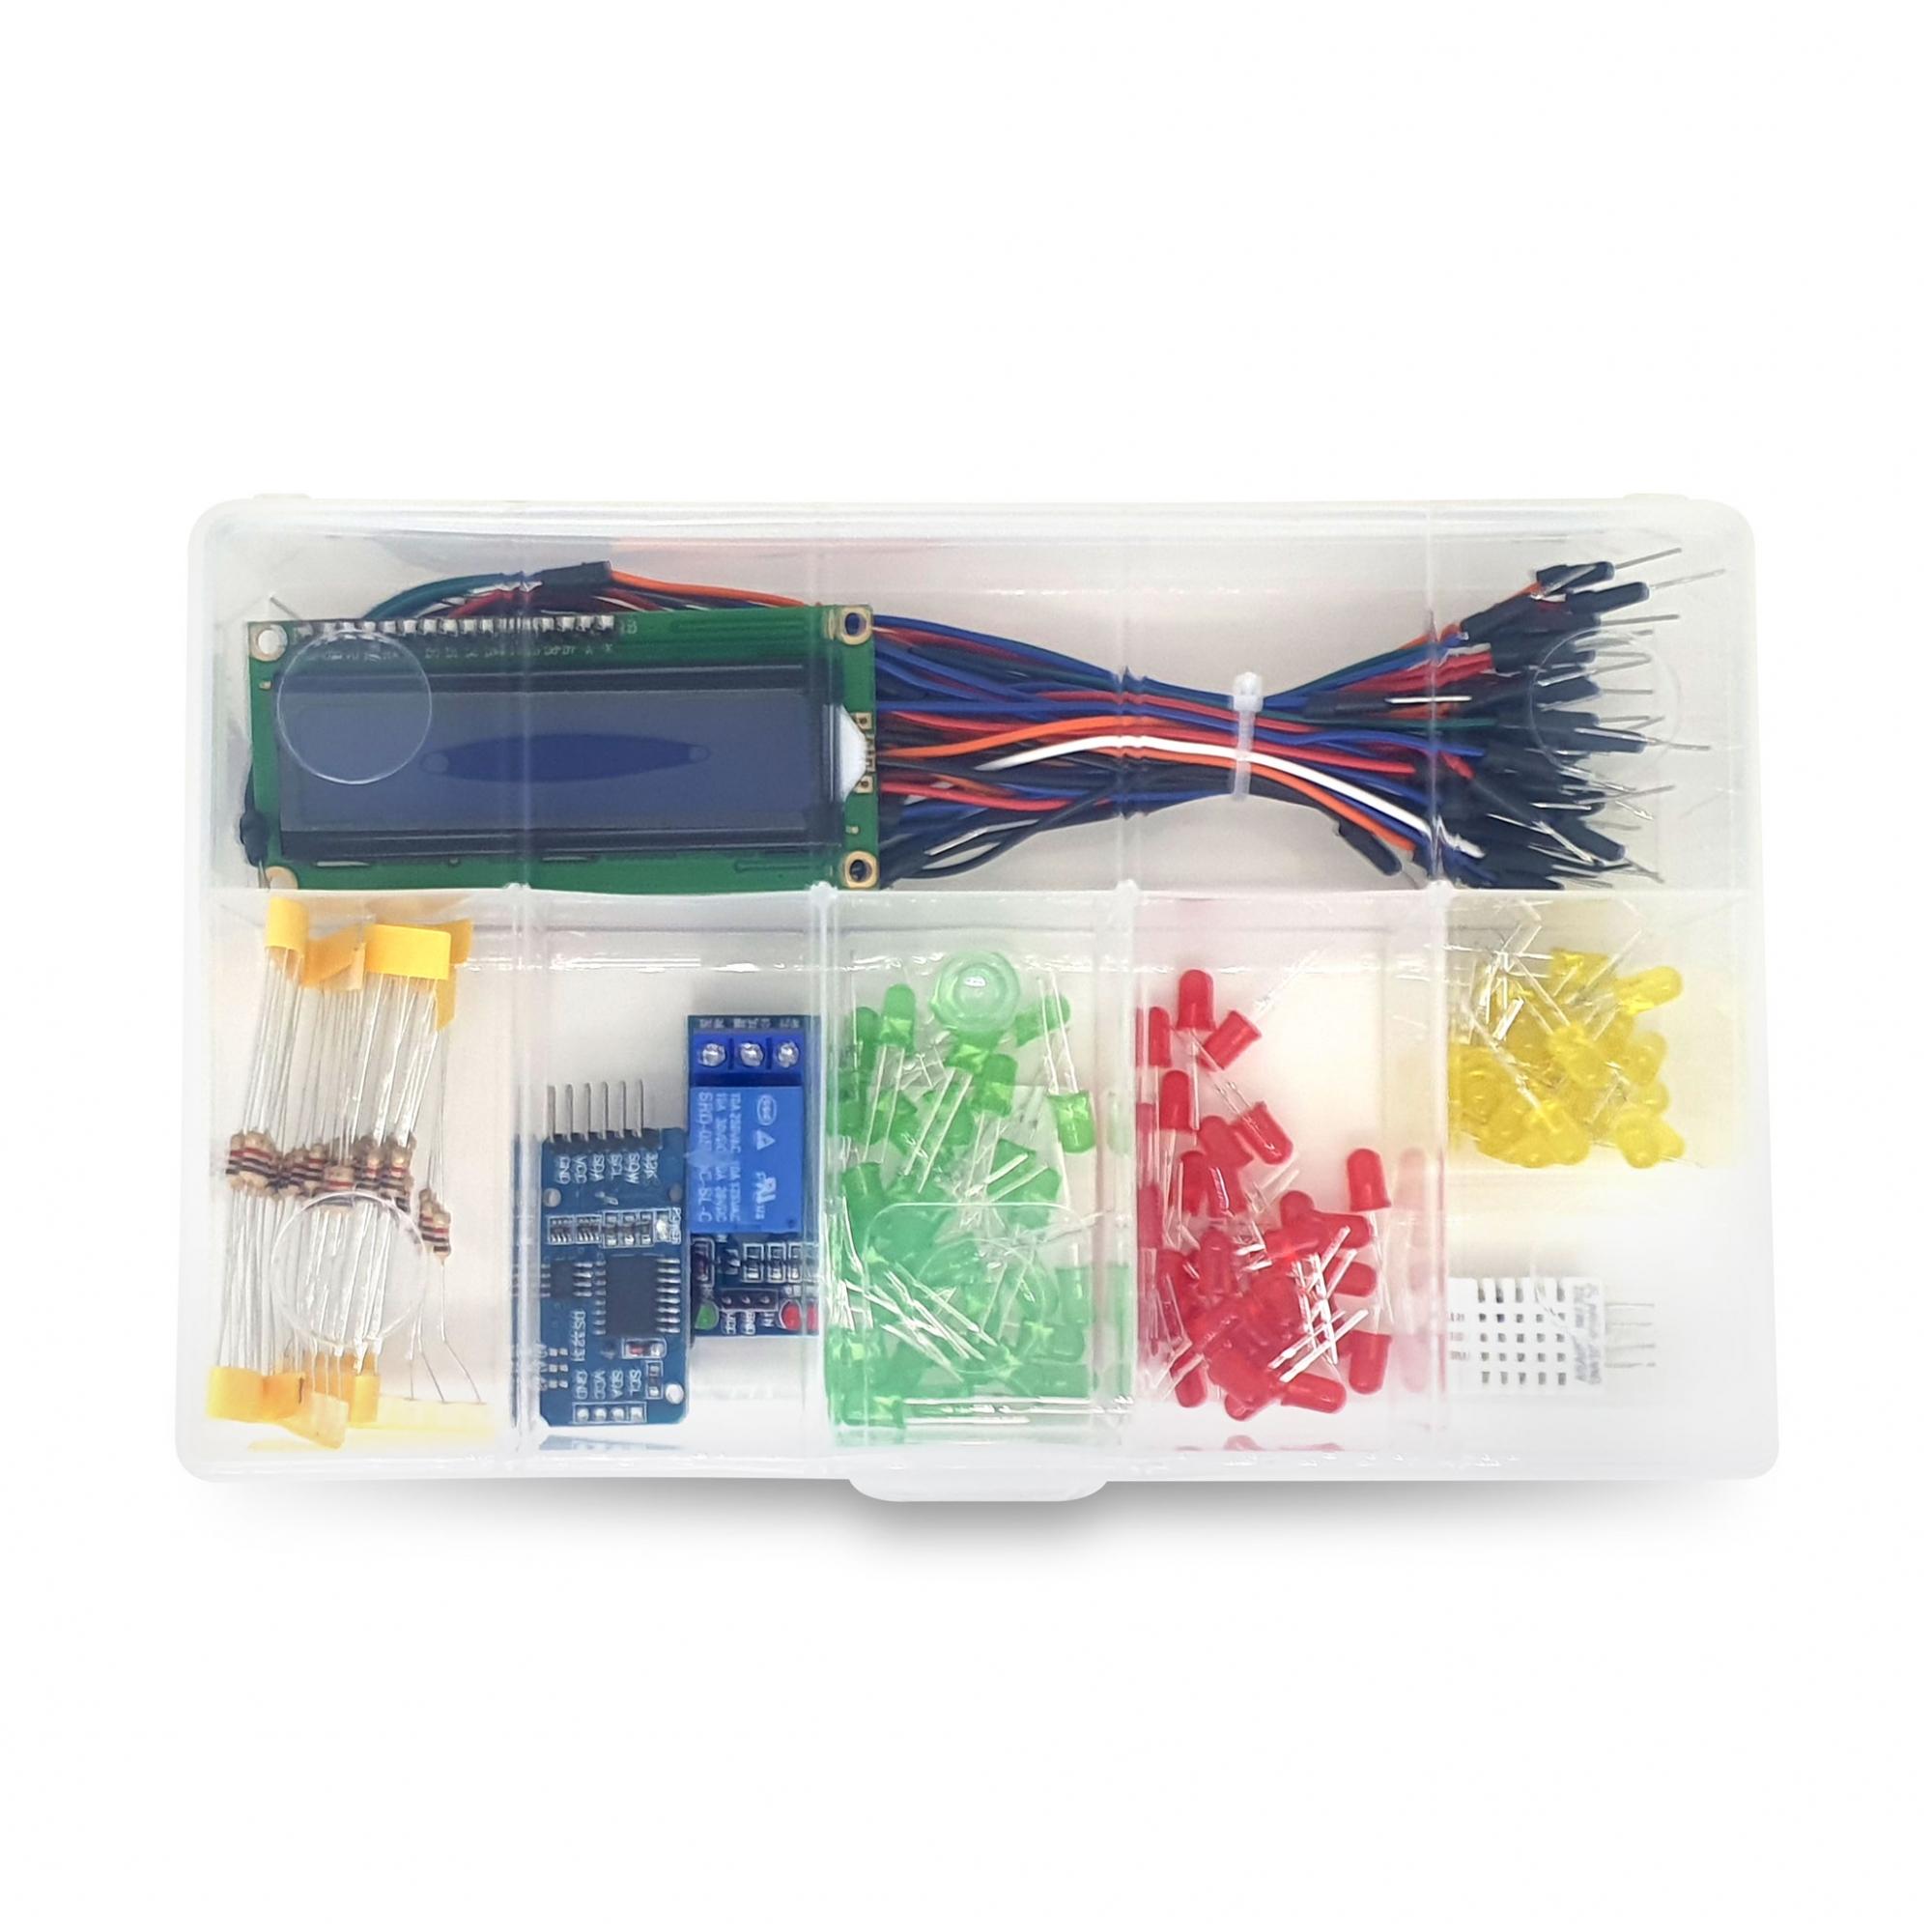 Organizador médio para componentes eletrônicos